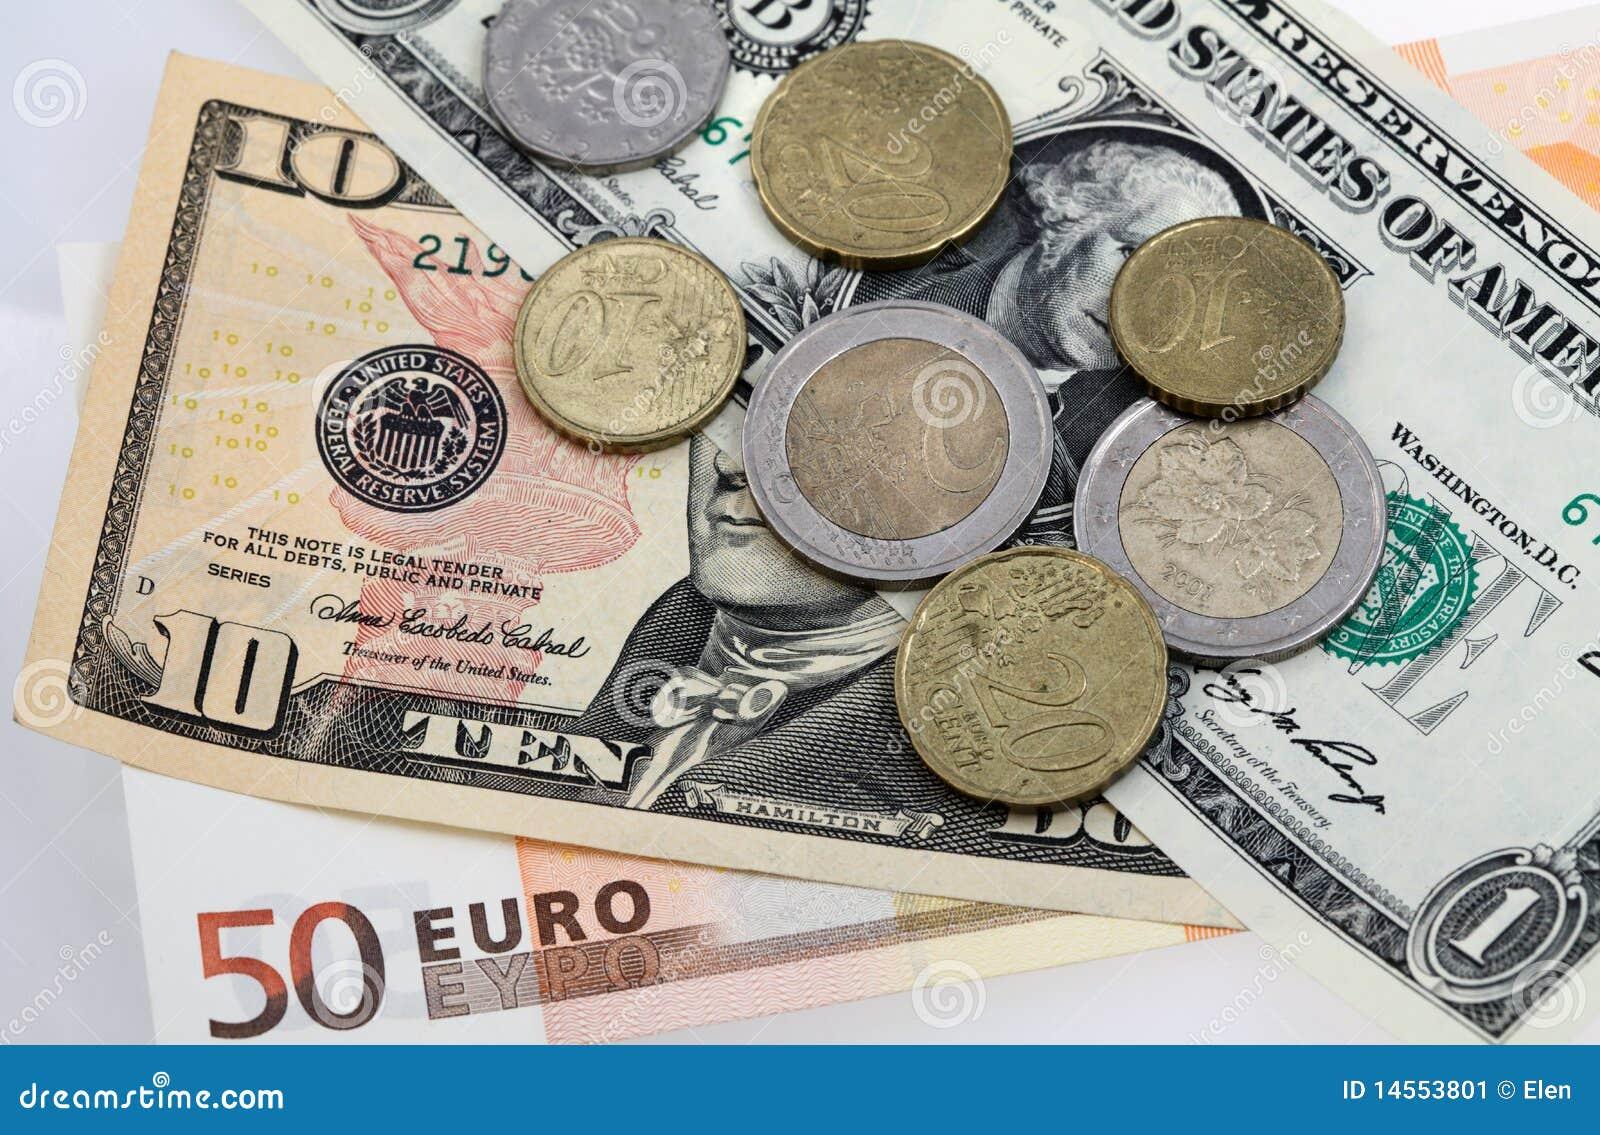 Prepaid Euro Cards